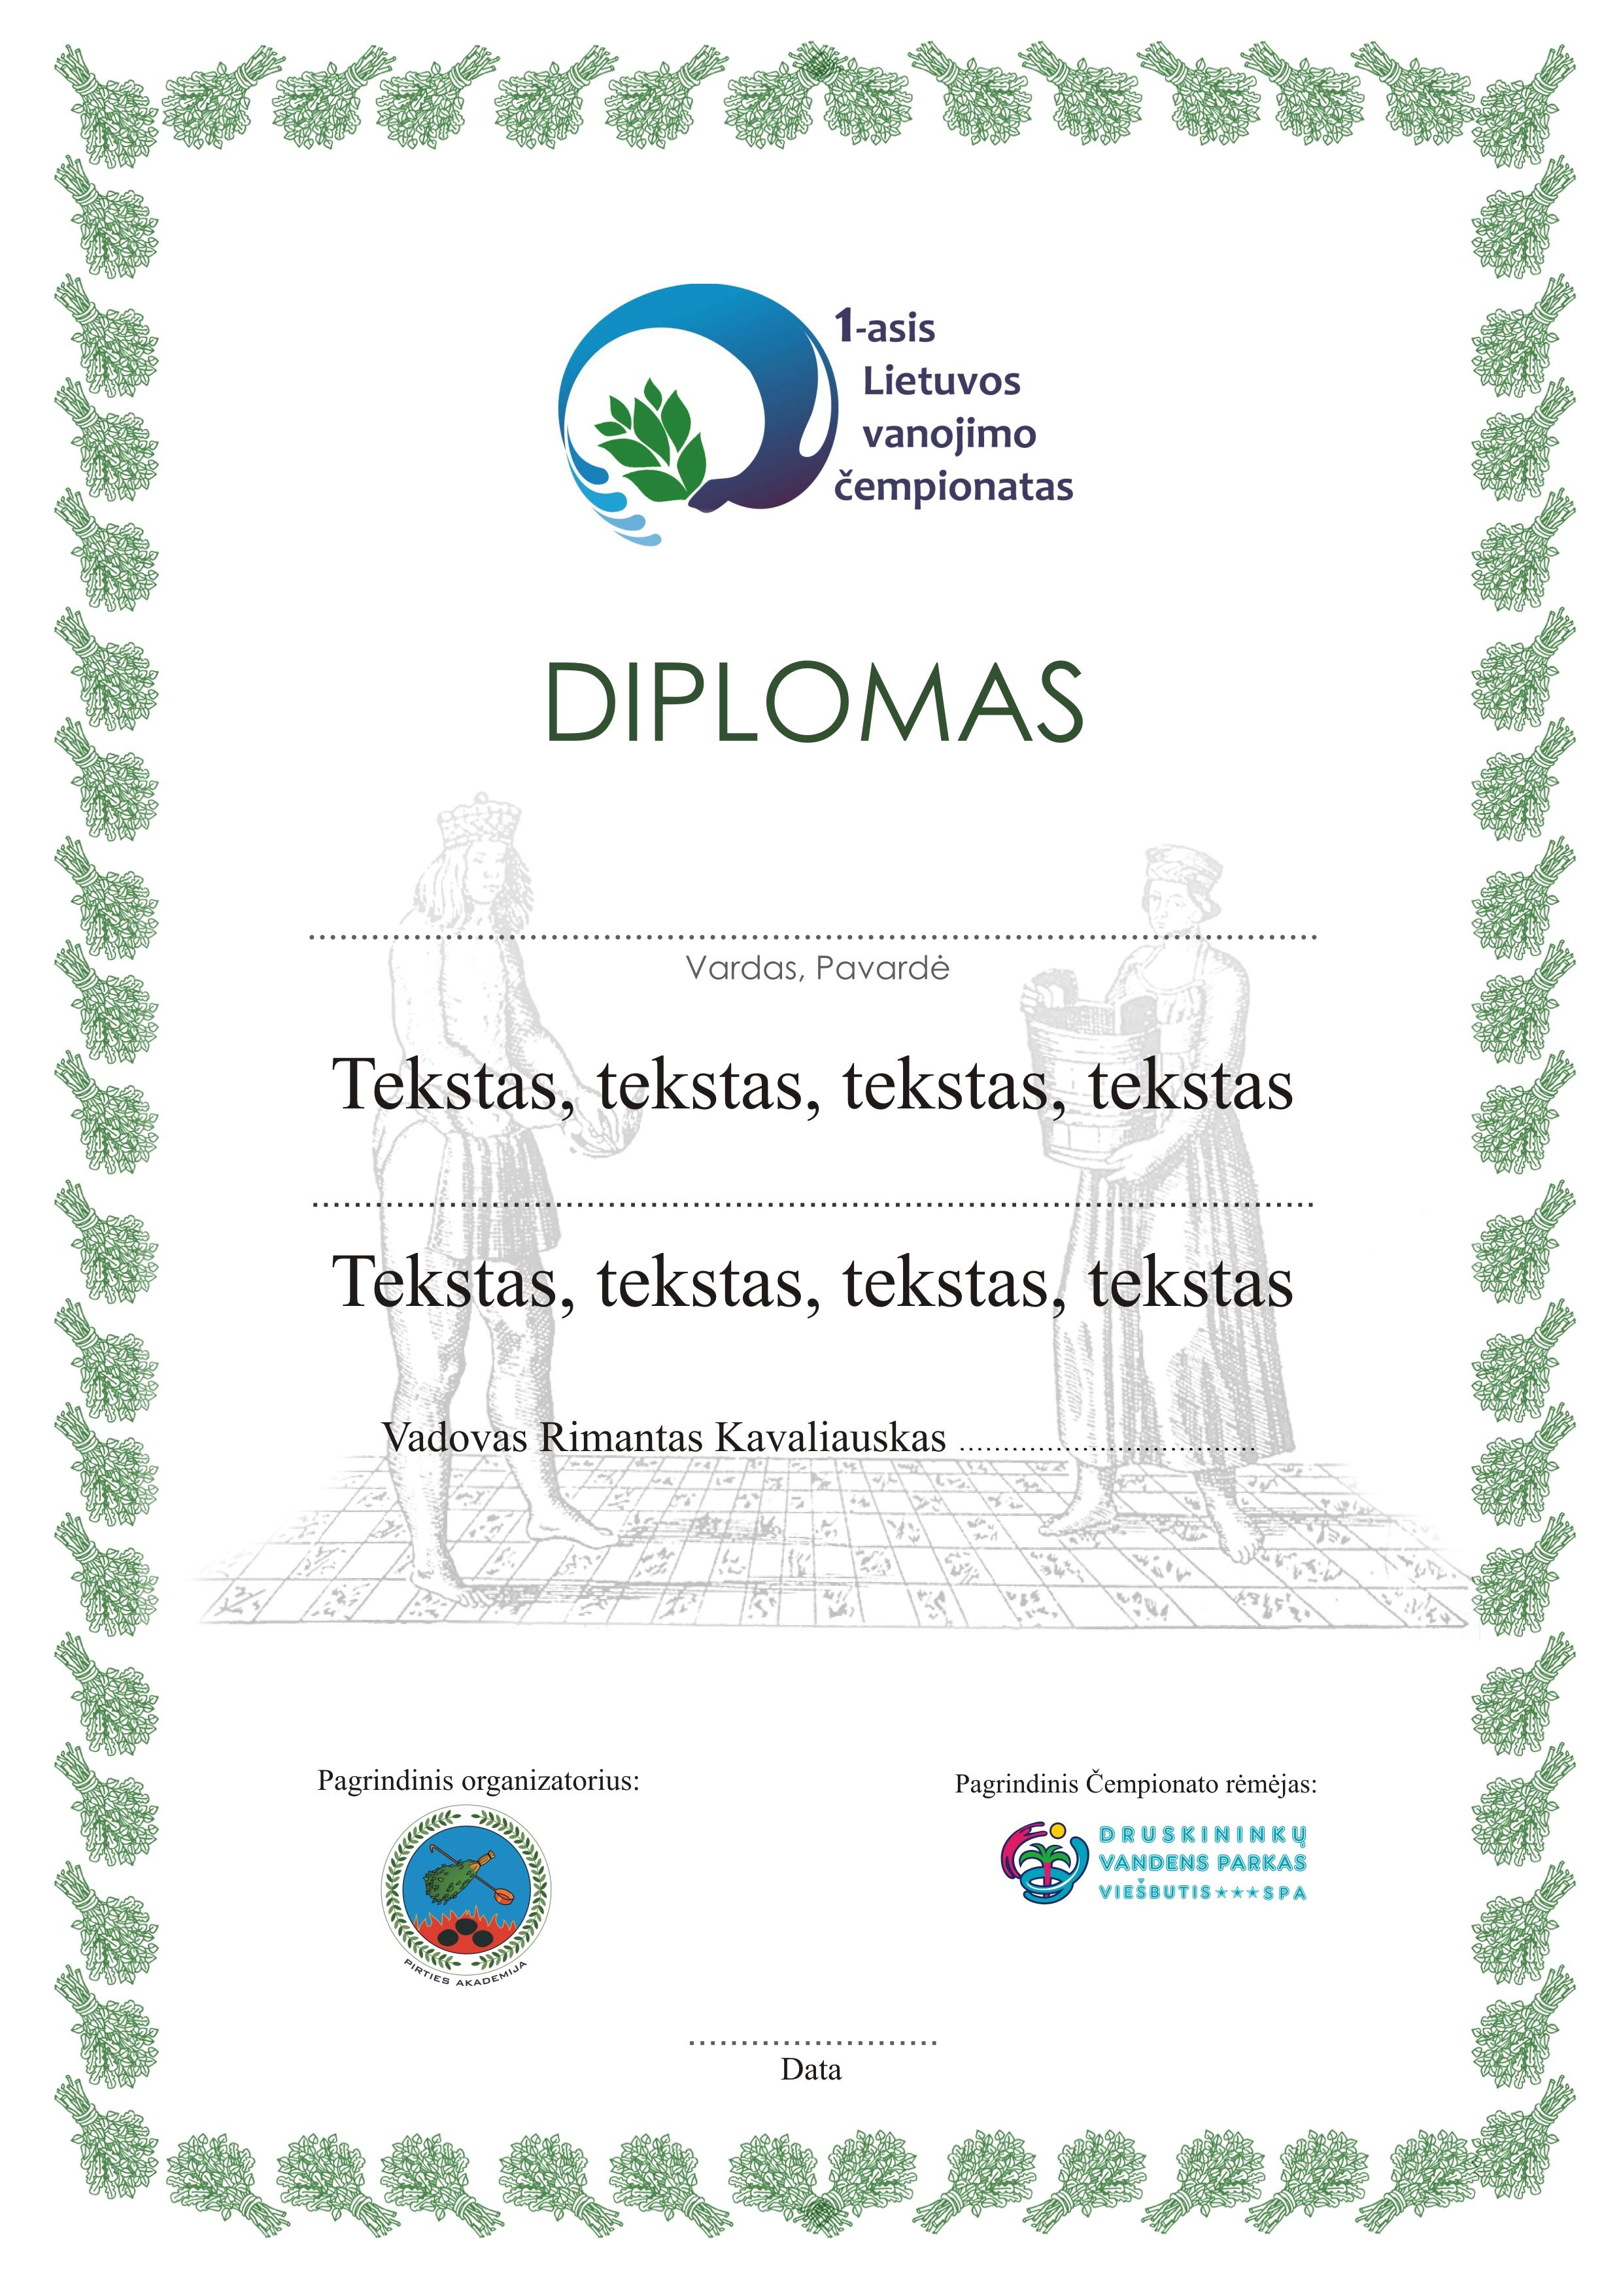 Vanojimo_cemp_diplomas_1